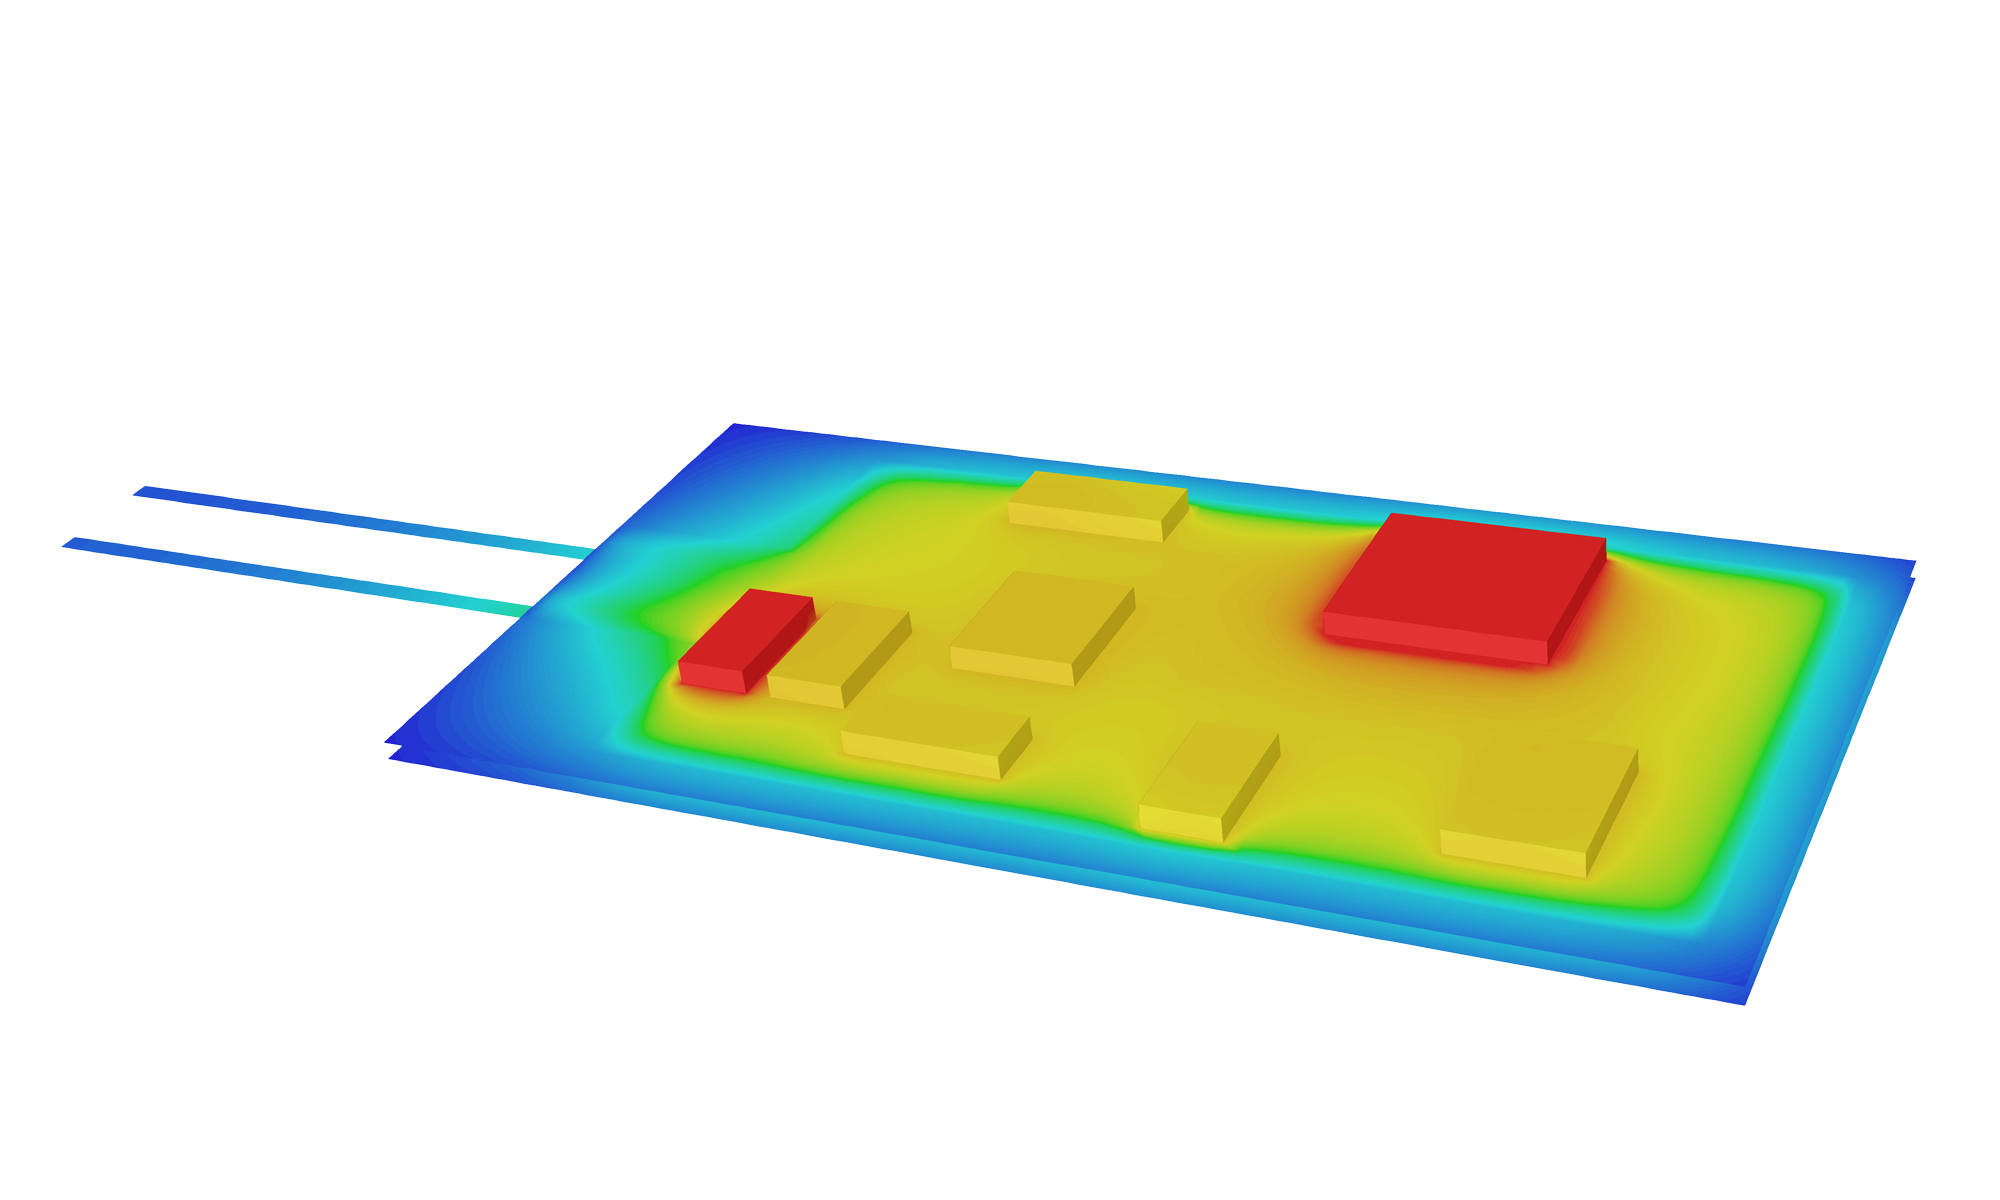 Ermittlung von Hotspots in einem Lichtschranken-Modul mittels Strömungssimulation